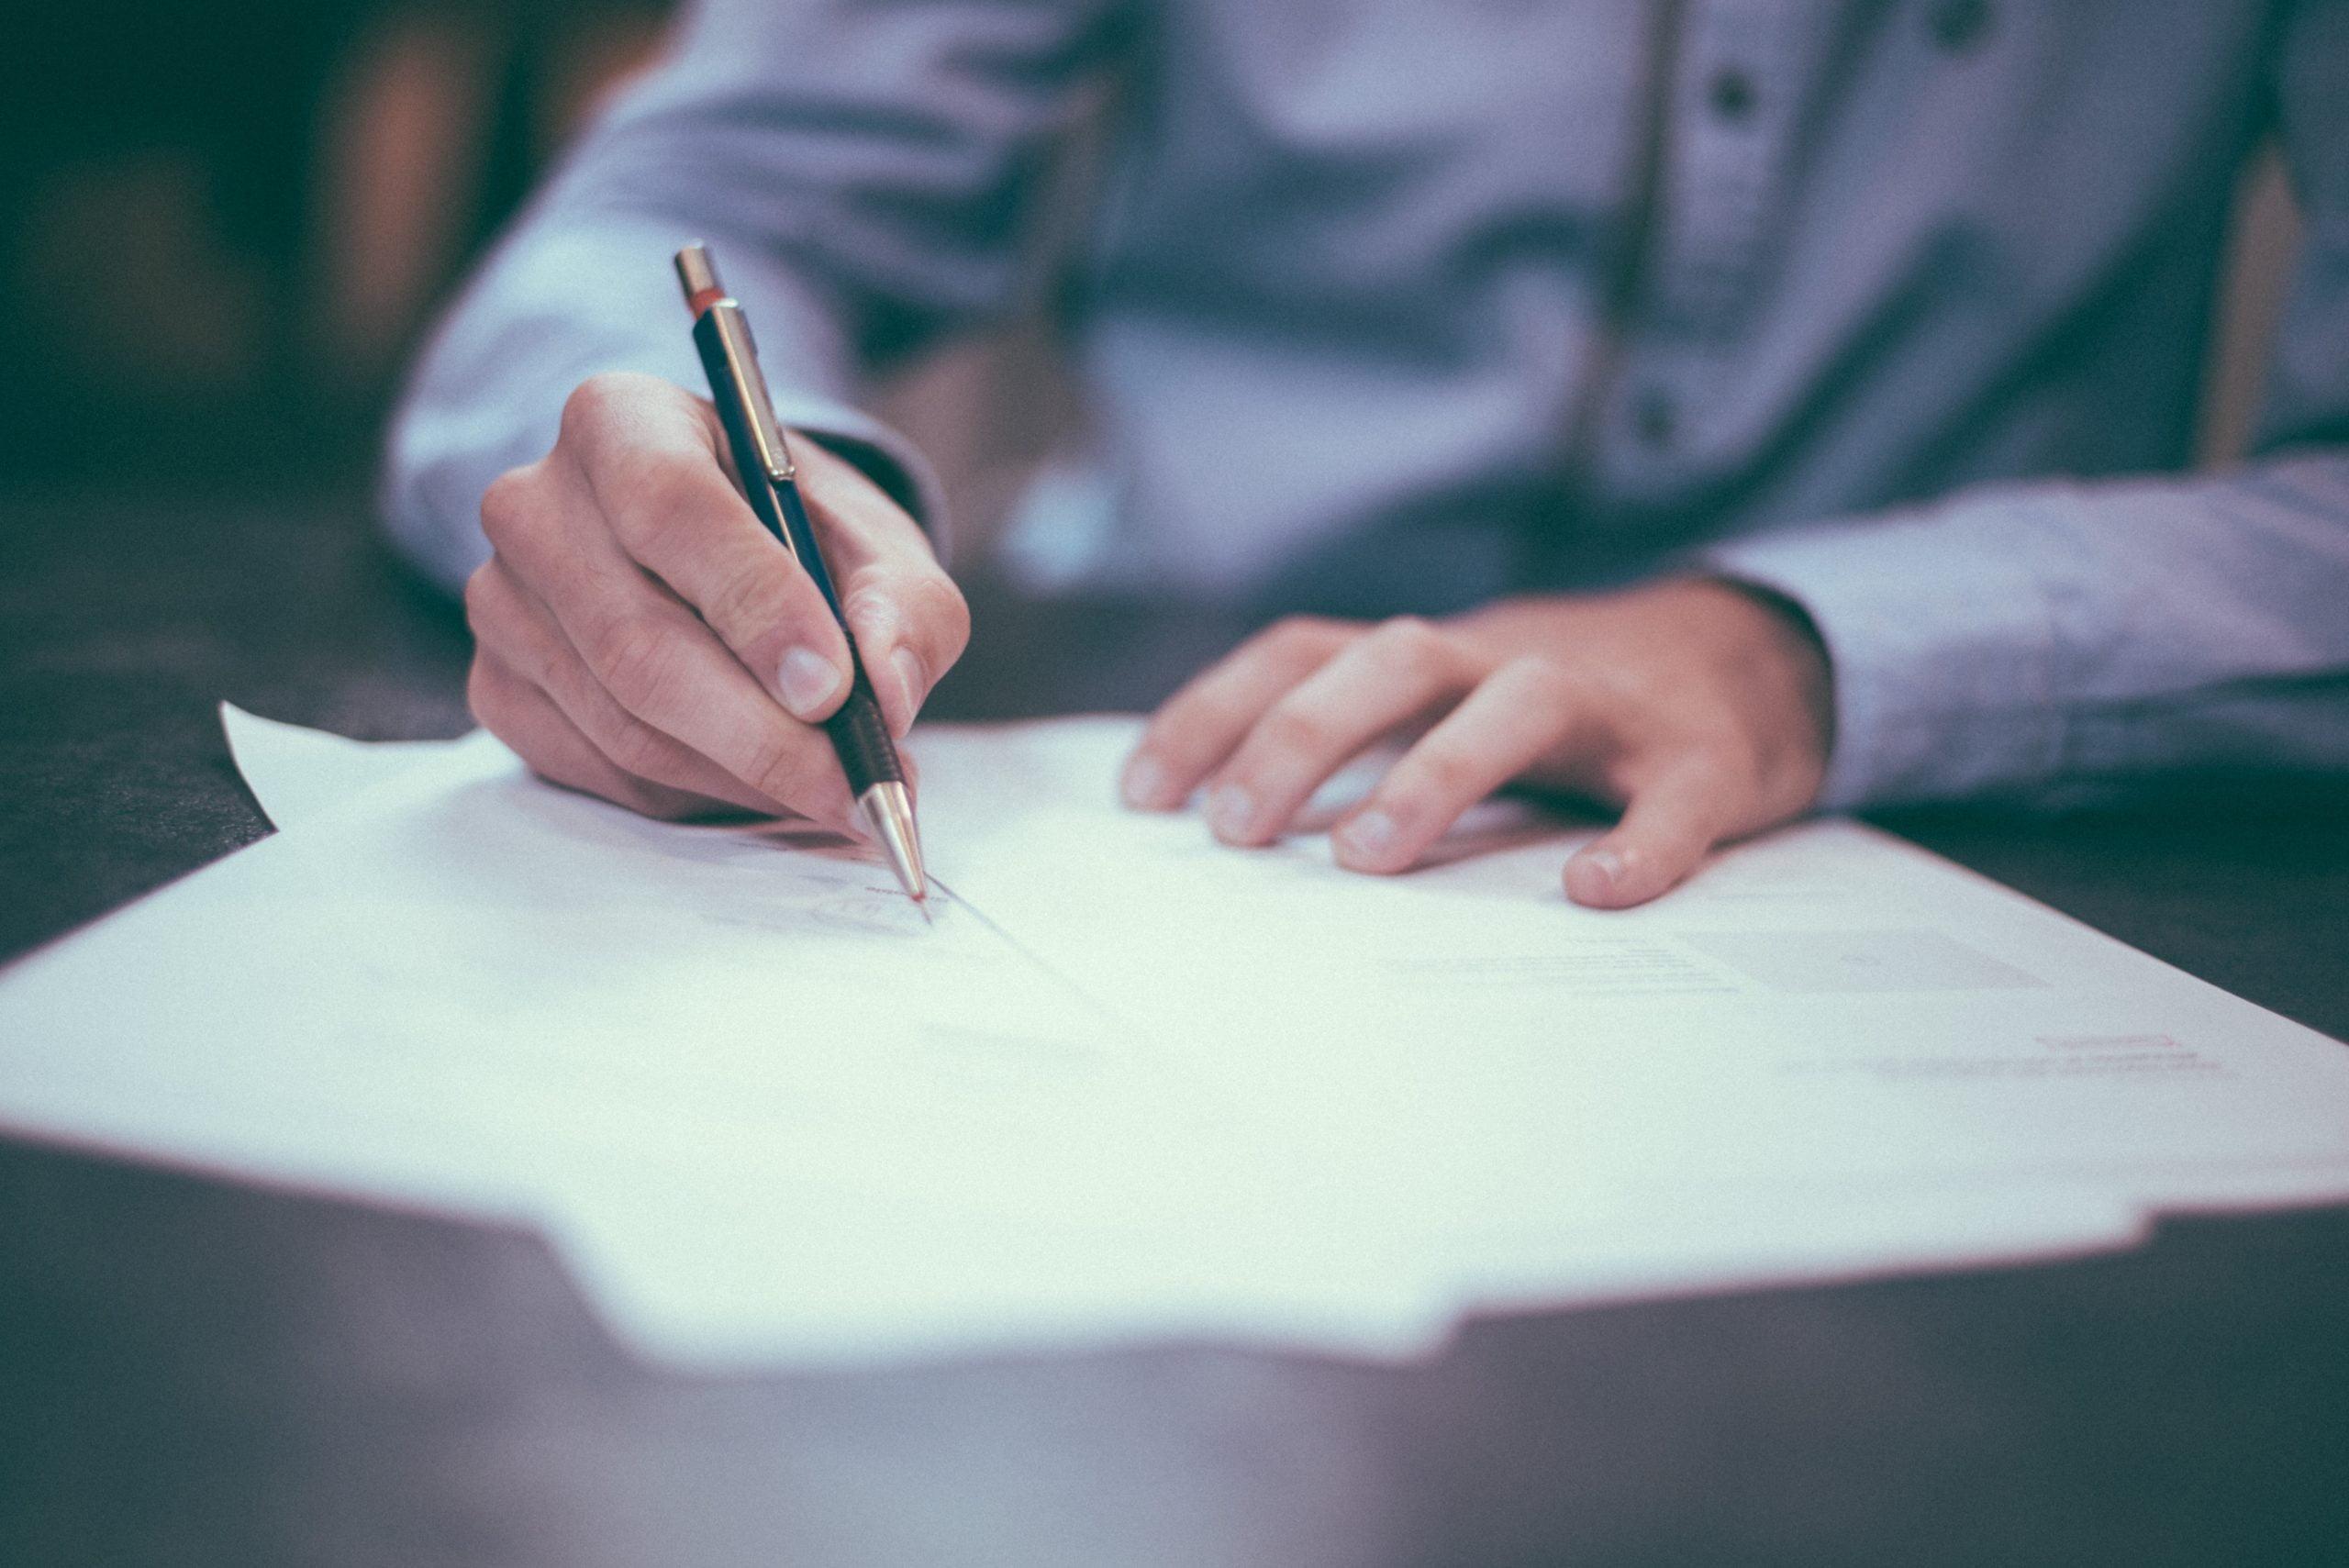 Umowa o przeniesienie praw autorskich – niezbędne elementy.